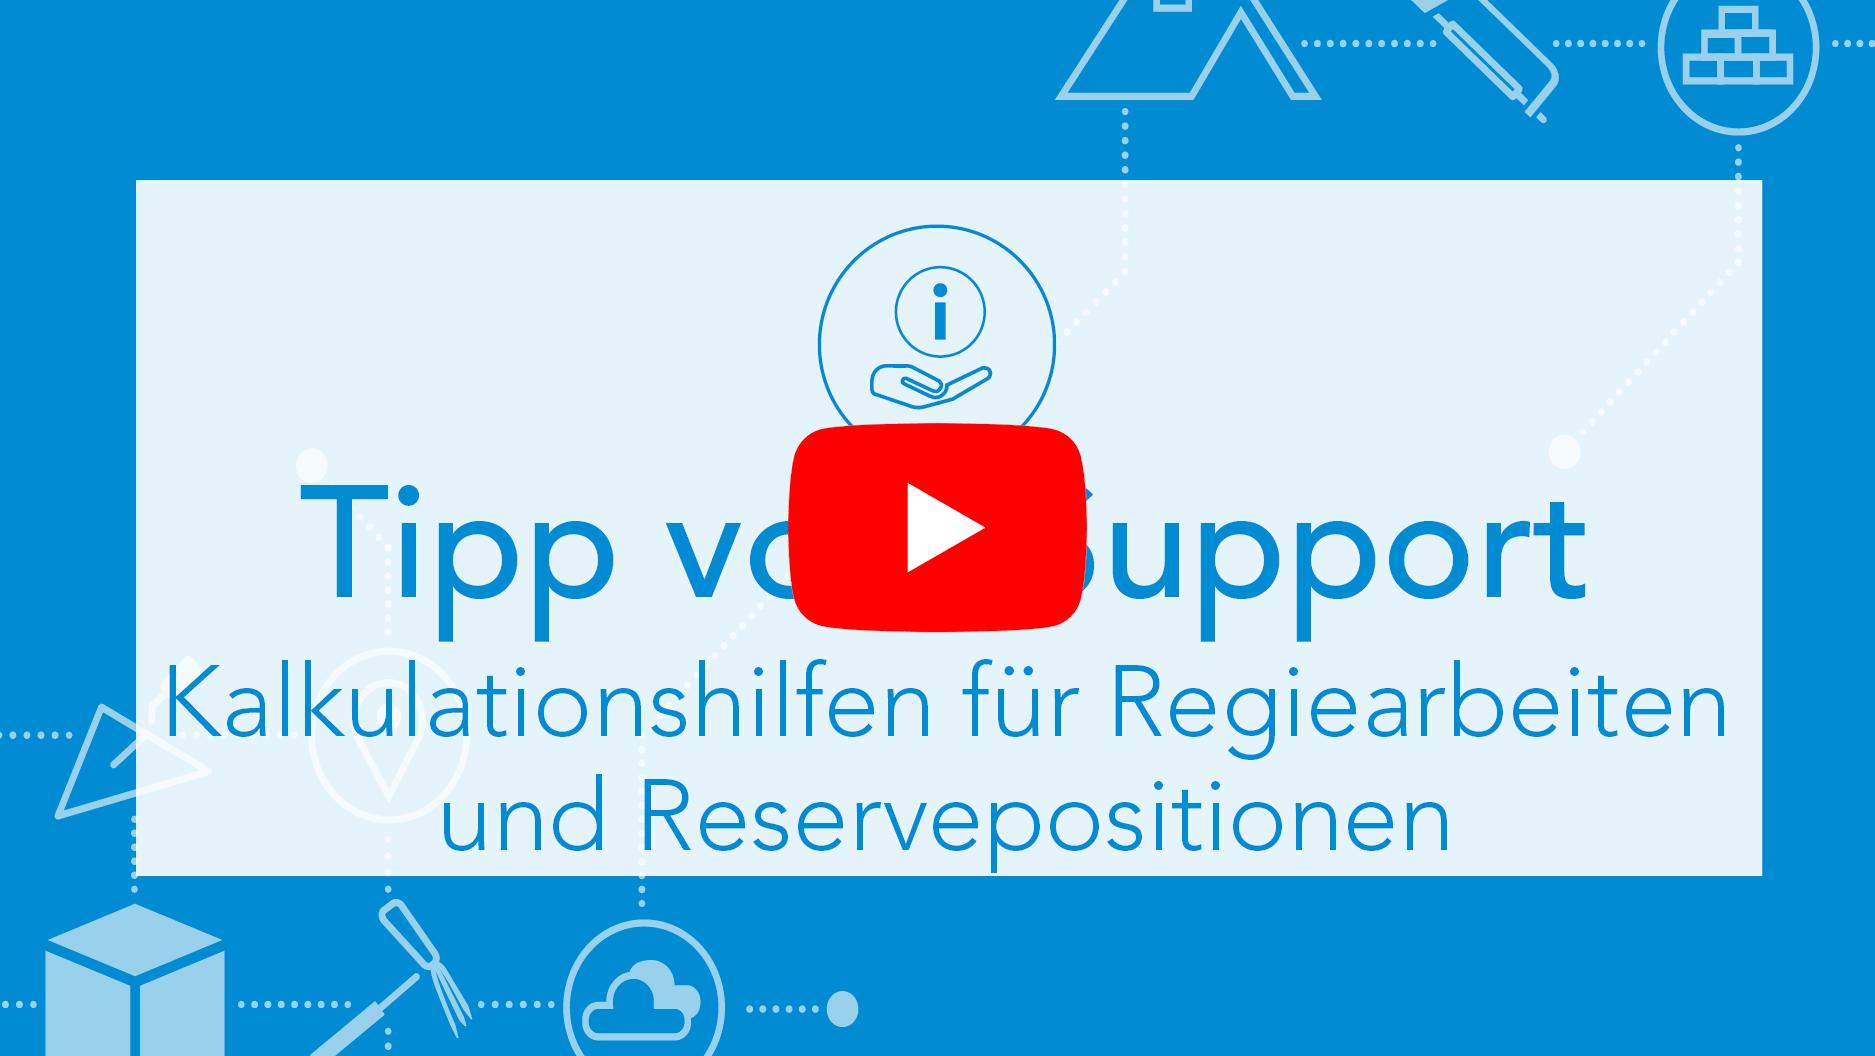 TvS Regietarif und Reservepositionen Thumbnail